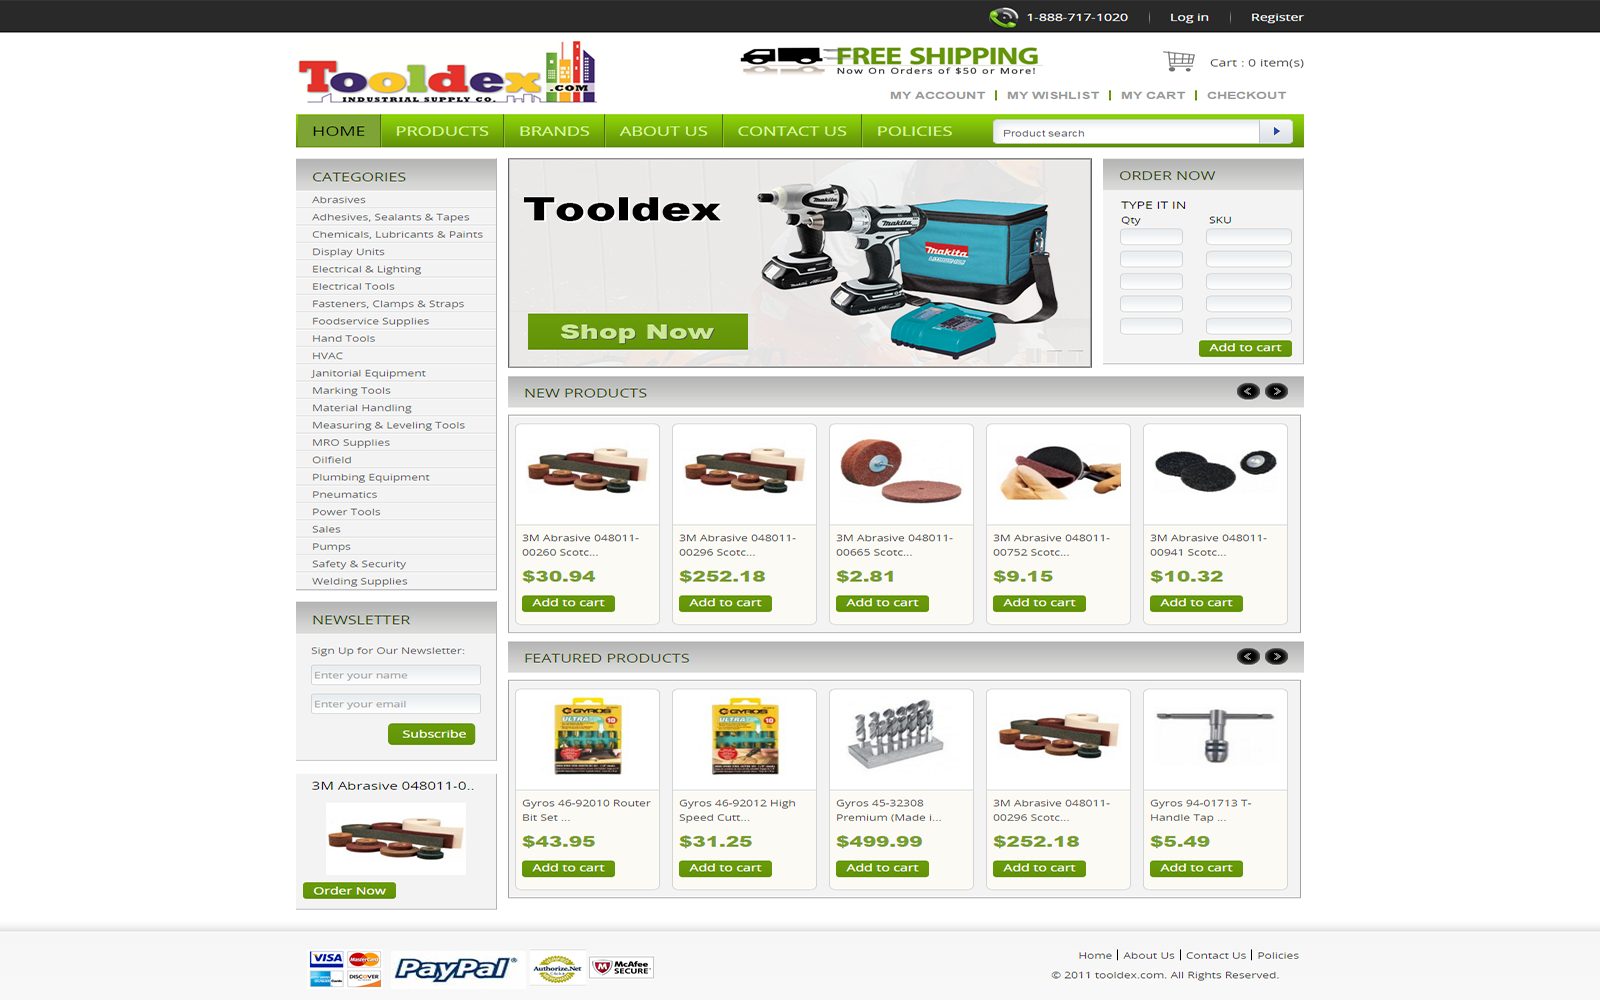 www.tooldex